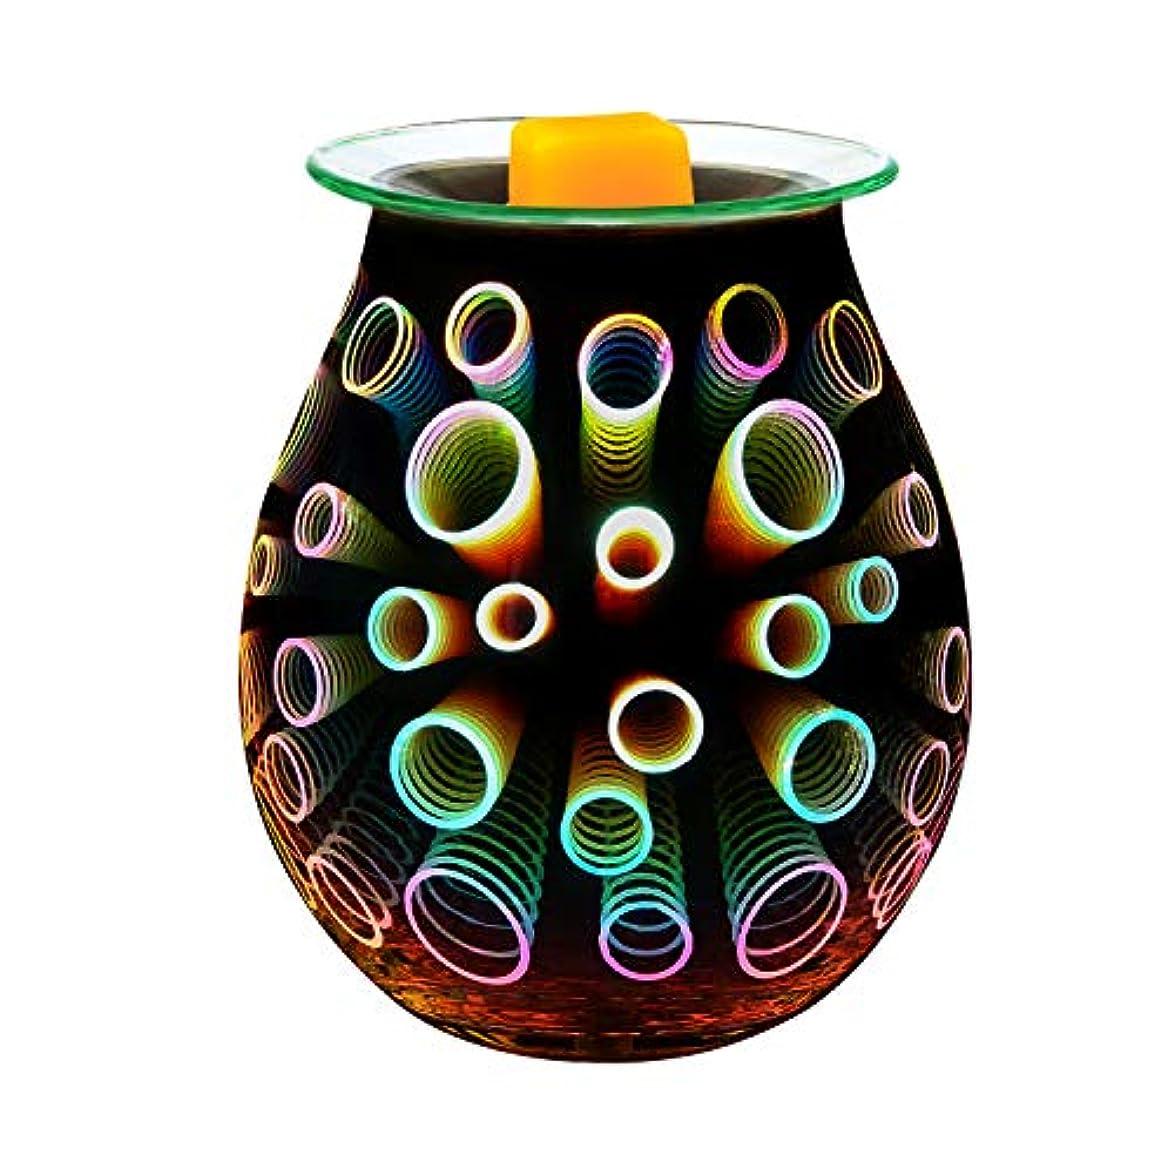 過度のタックル勧めるCOOSA Electric Oil Warmer、美しいガラスワックスTart Burner夜ライトアロマ装飾ランプwith 3d効果のGifts & Decor EL0717_US